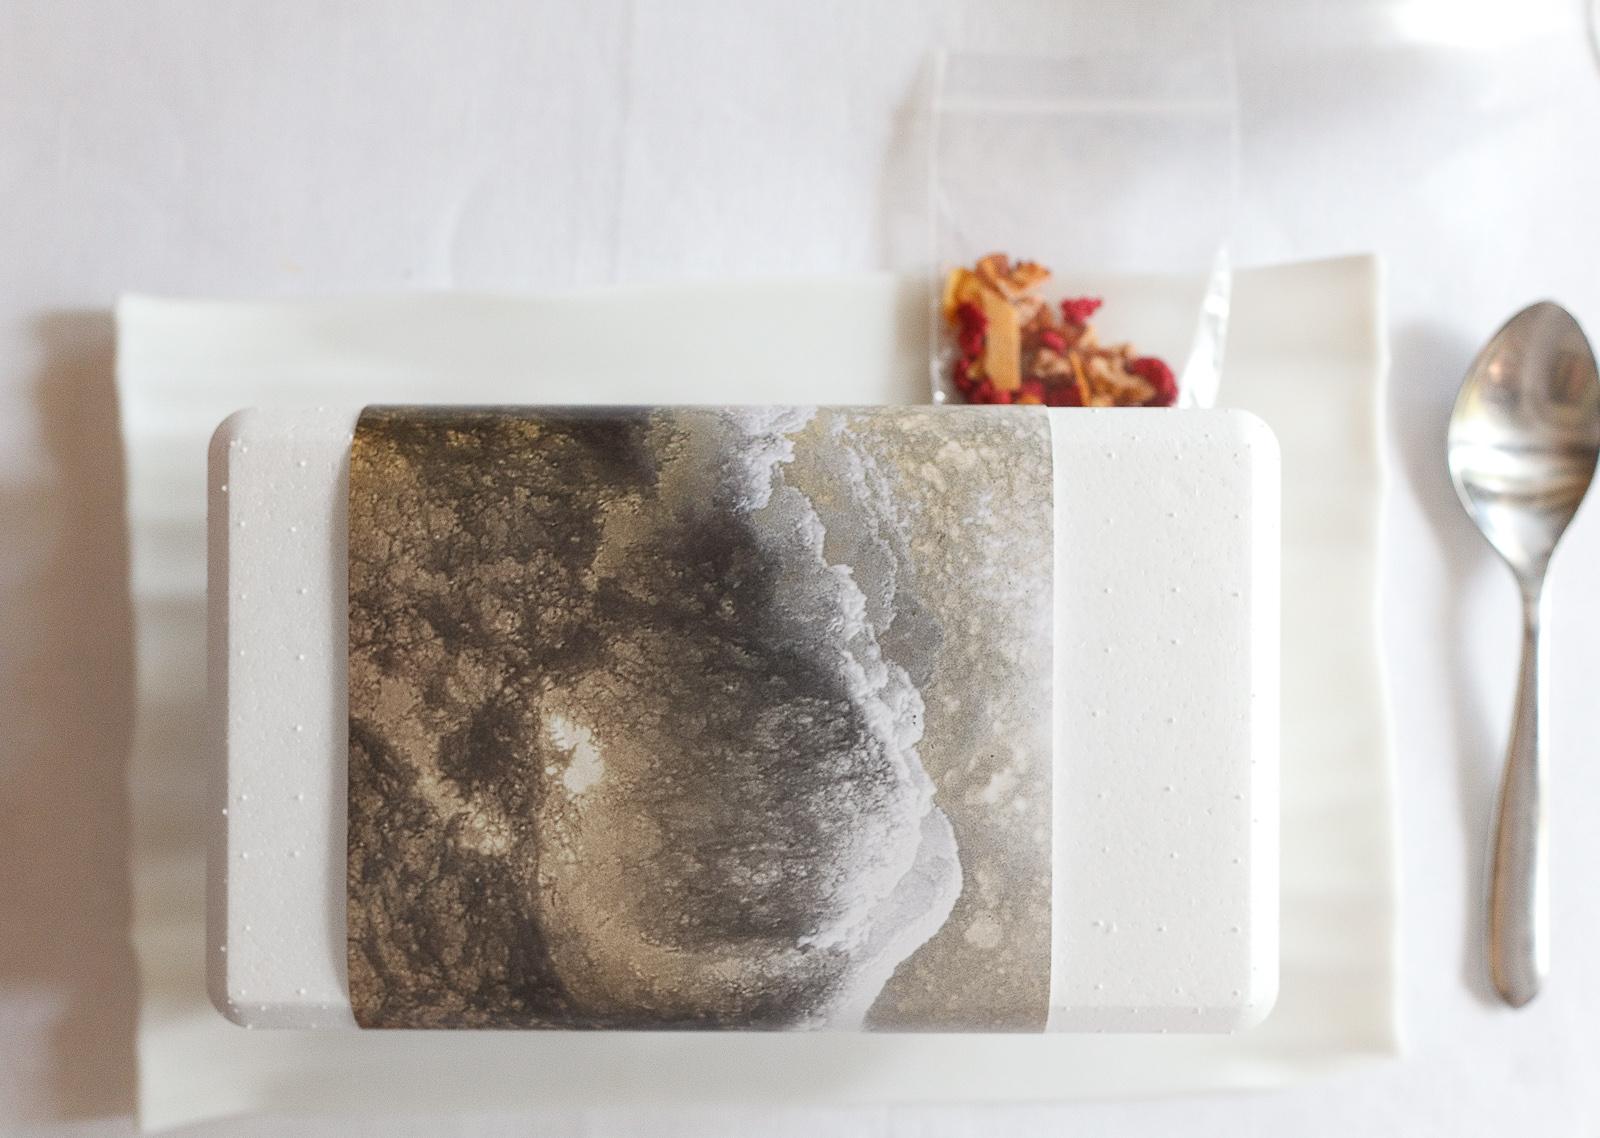 El Bulli, Spain - 21st Course, Part I: Parmesan frozen-air with museli